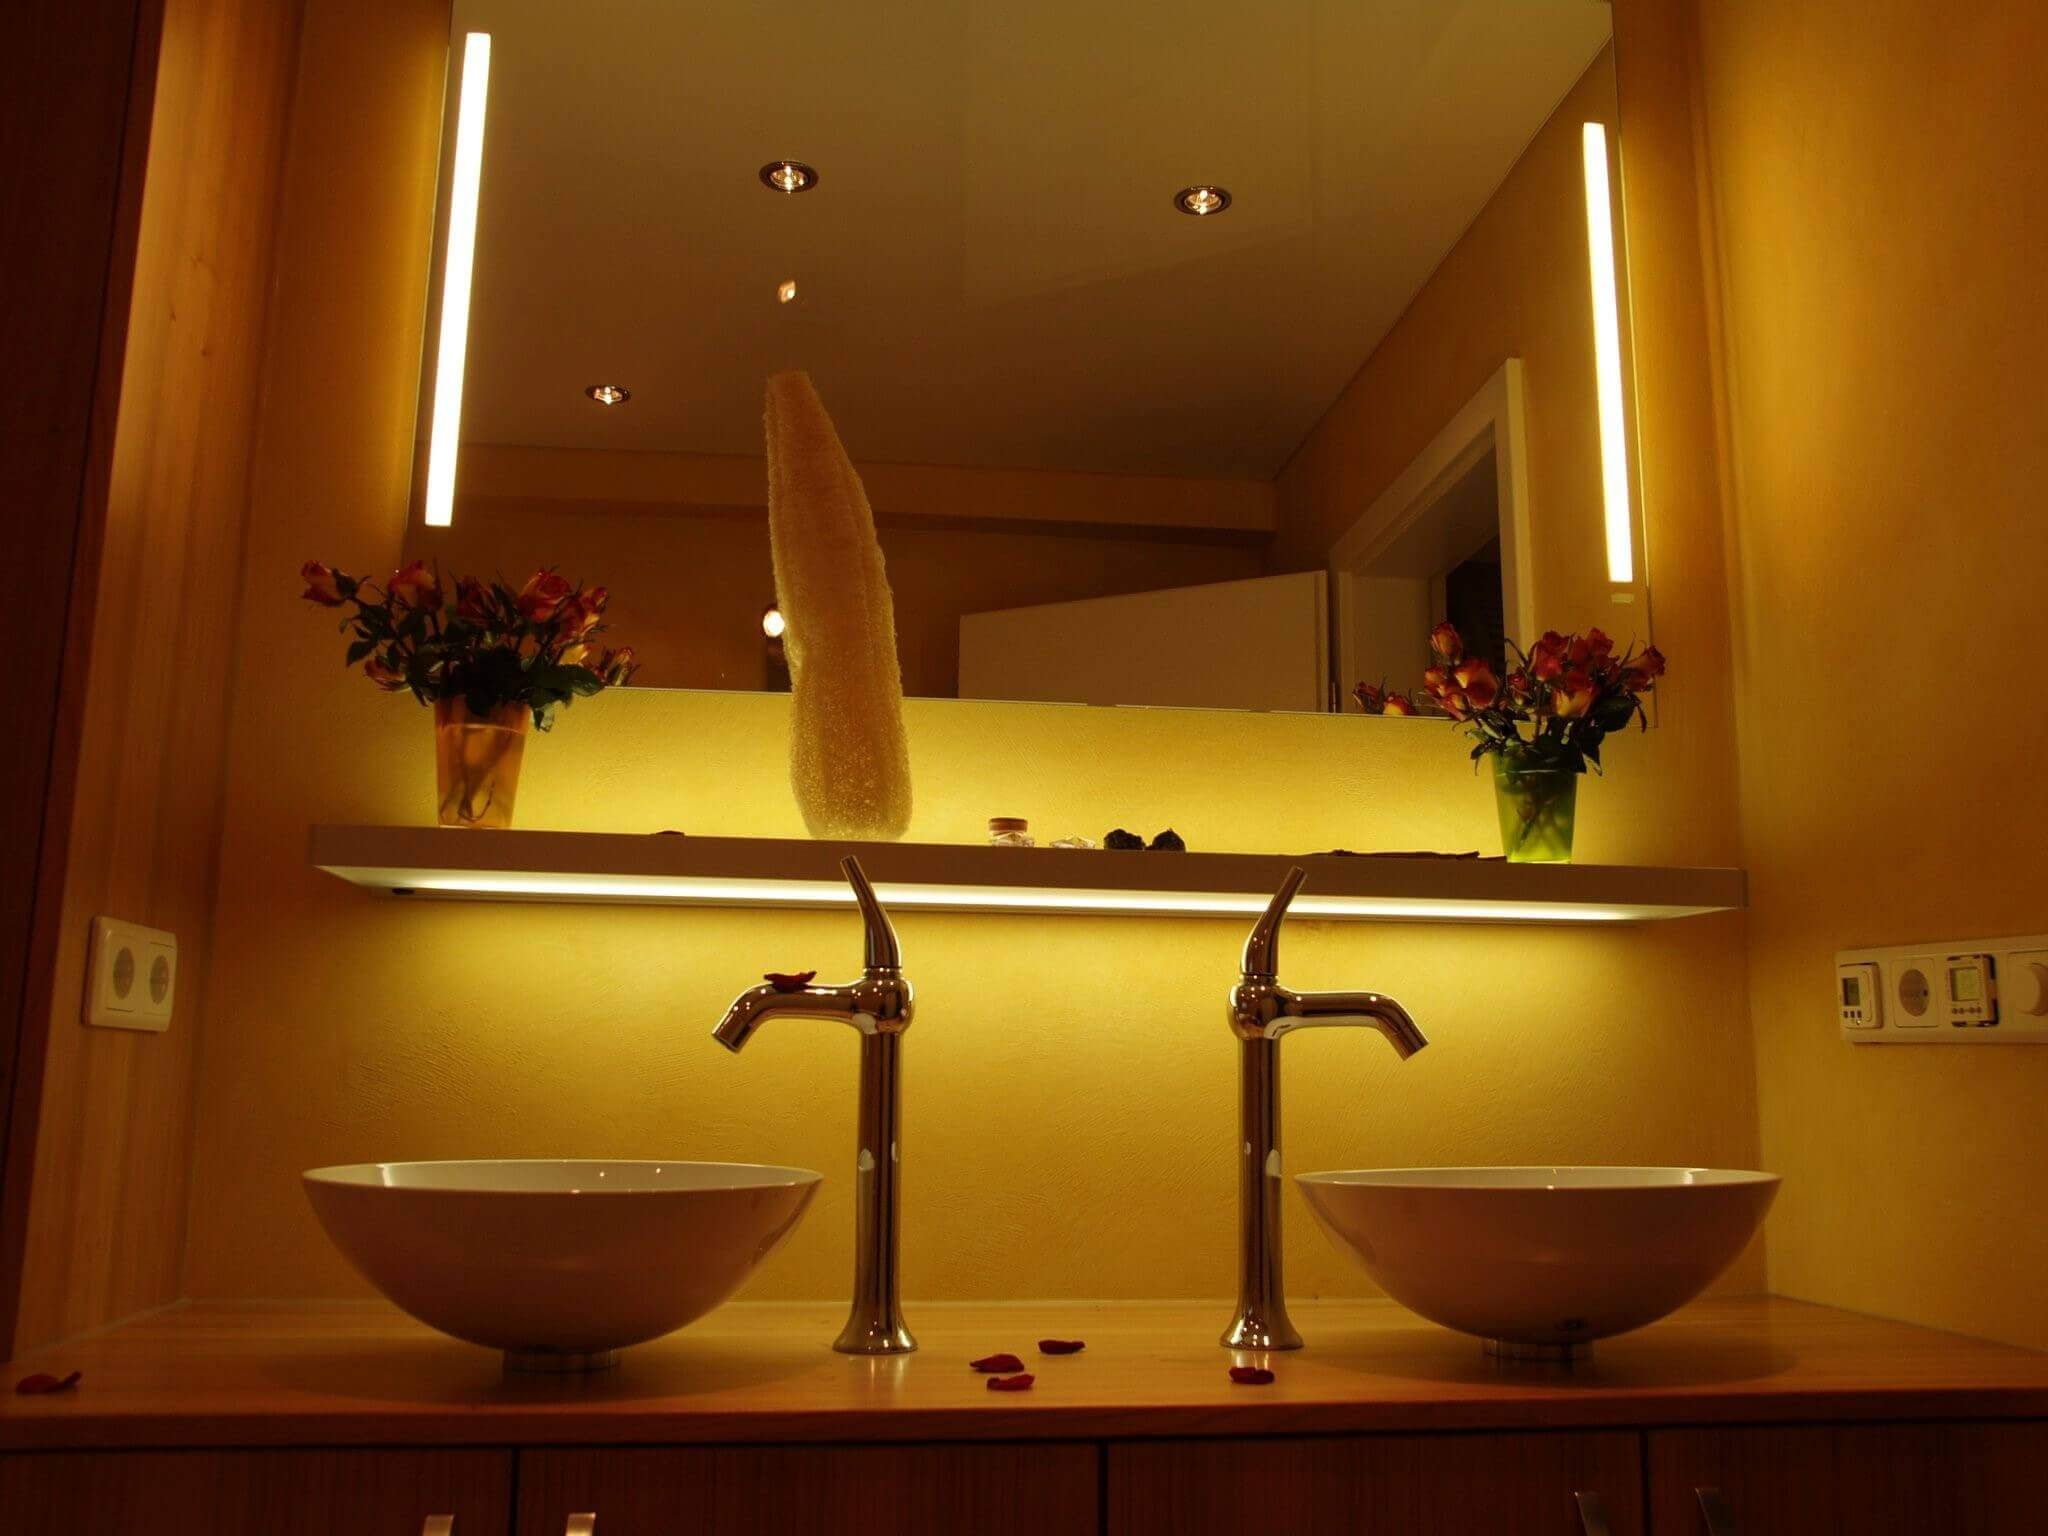 badezimmer mediteran, mediterrane bäder das typisch italienische lifestyle des dolce far, Design ideen